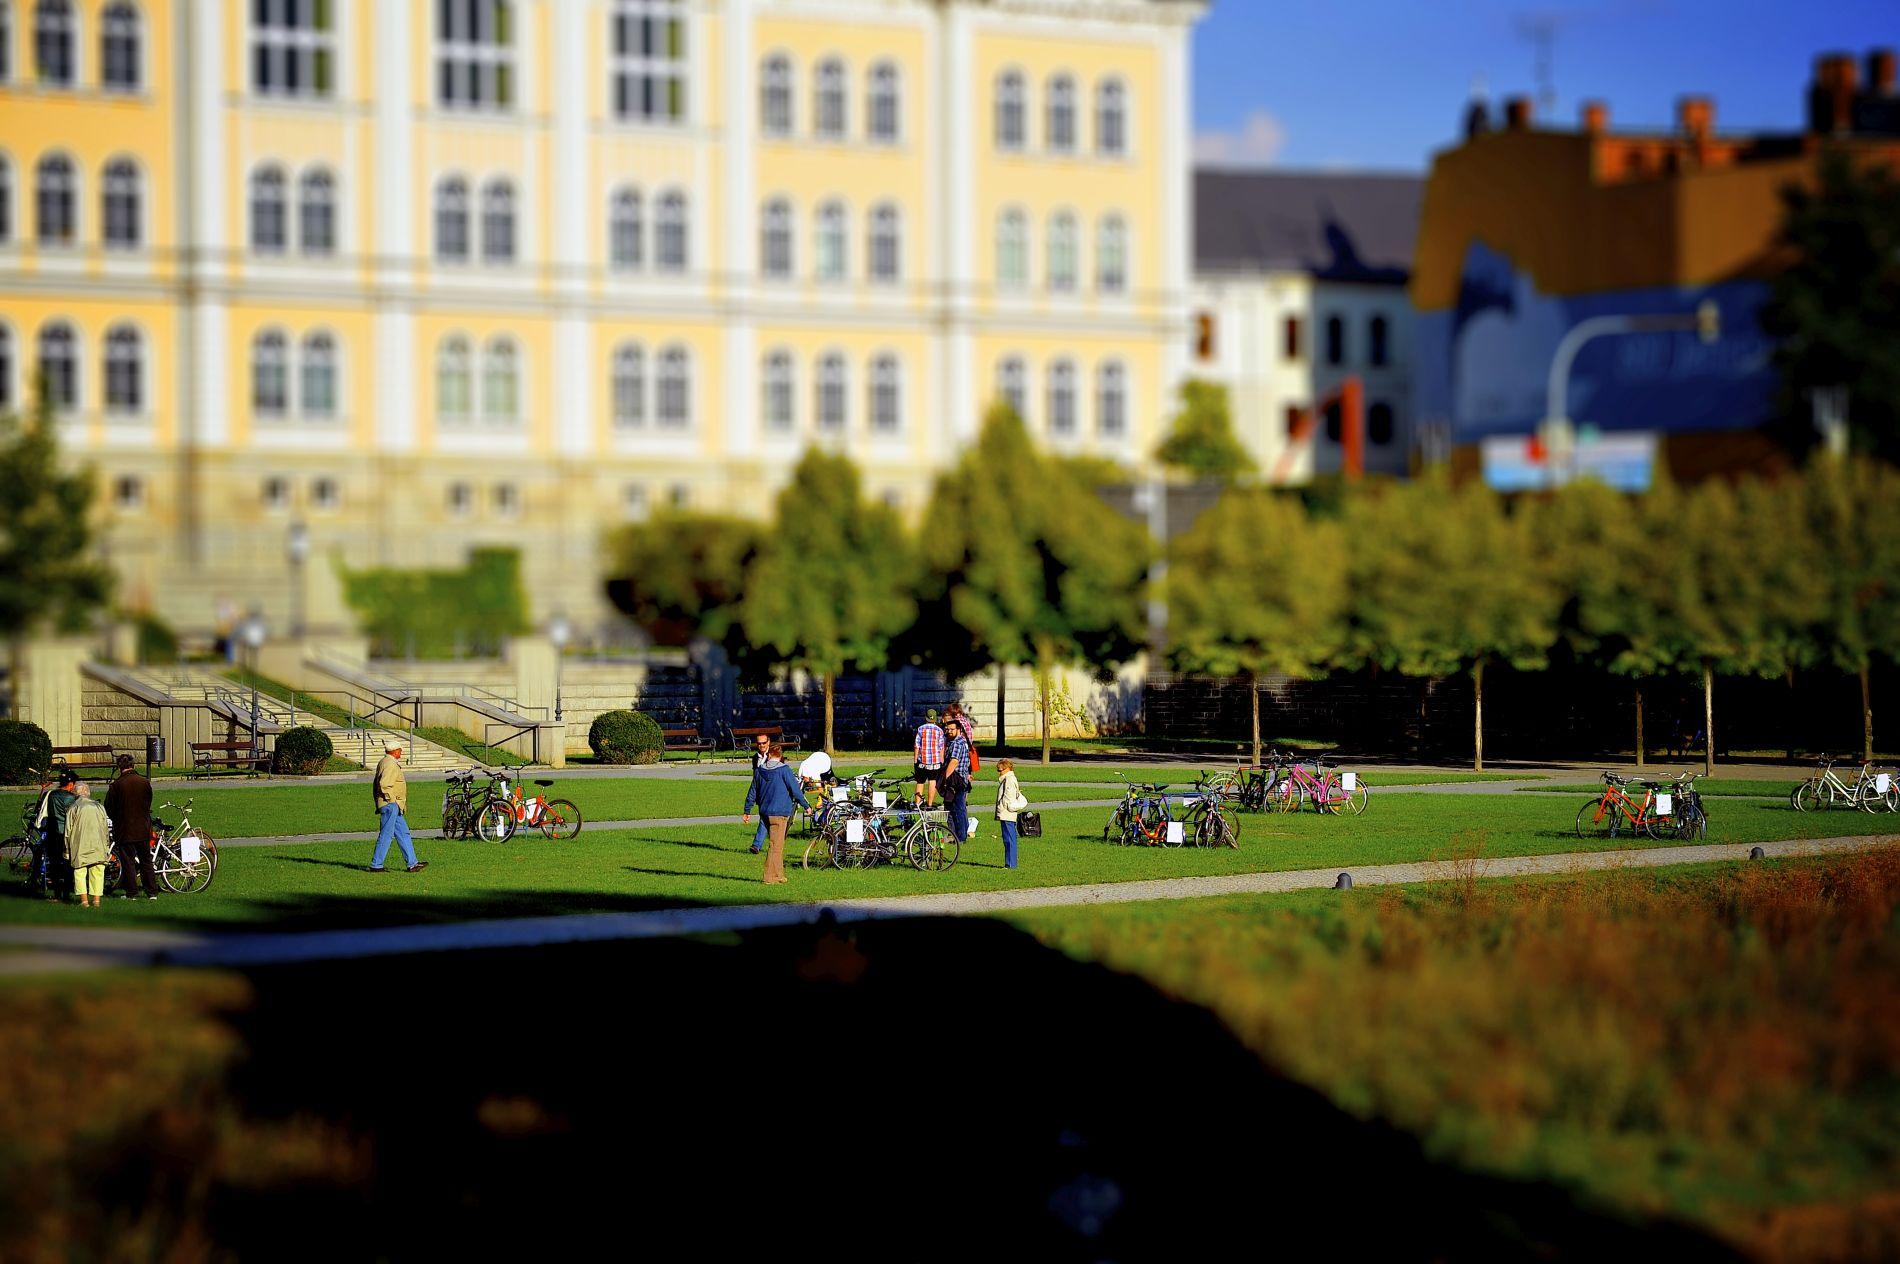 RB_076_XXI_TH_radskulptur_004_foto_karsten_schaarschmidt.jpg